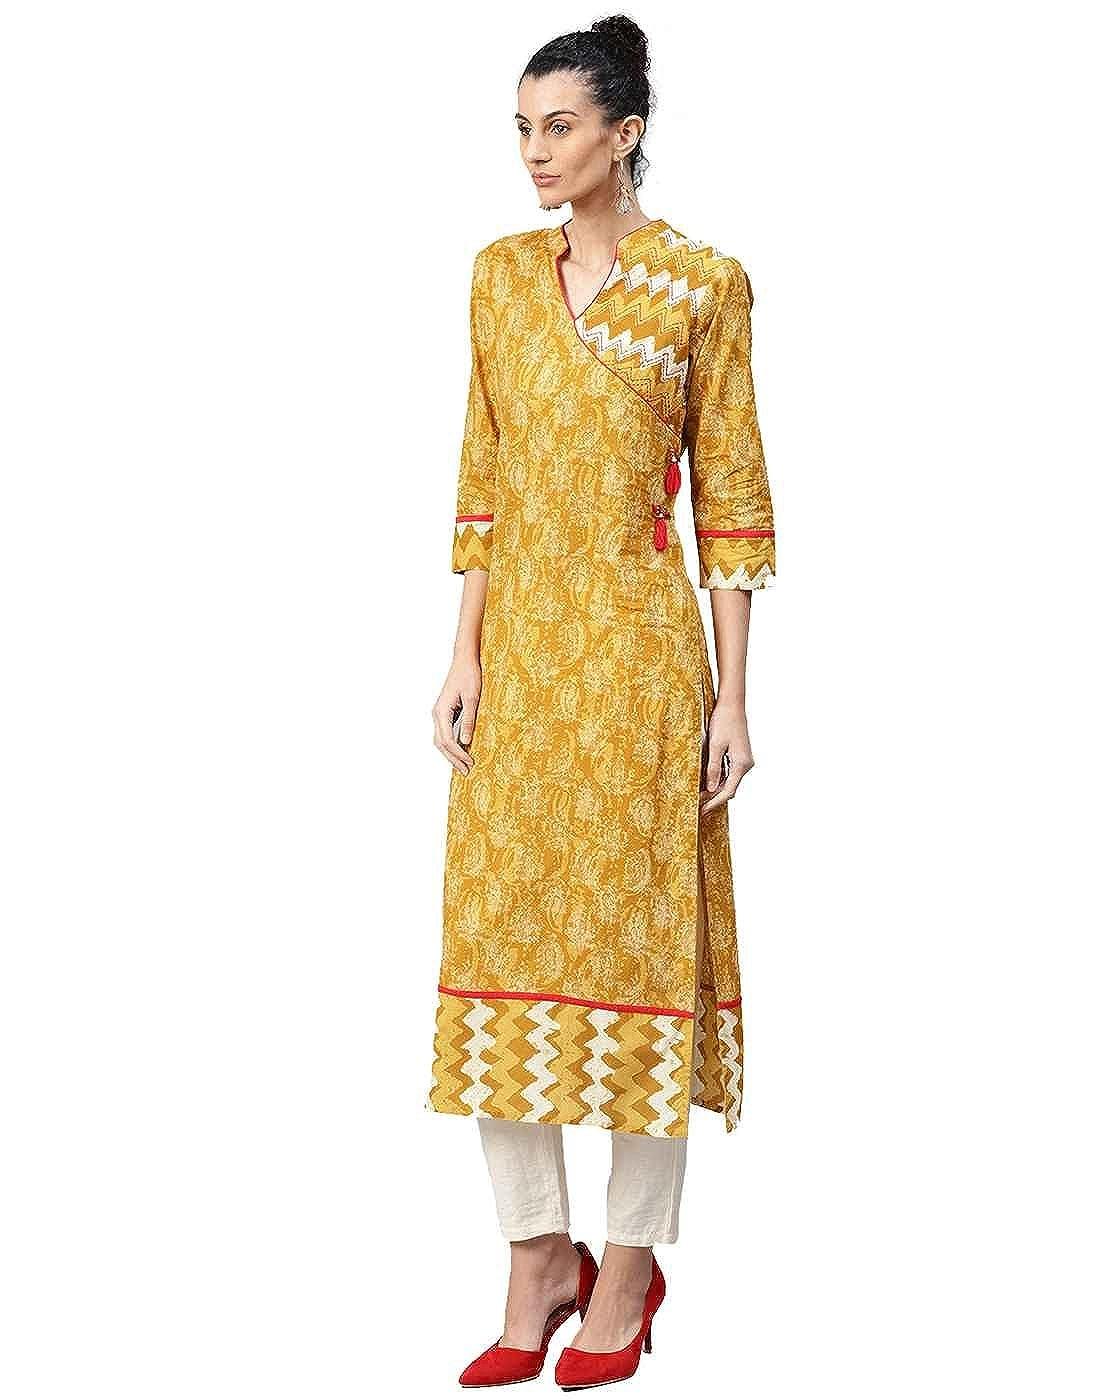 Jaipur Kurti Women Indian Casual Abstract Tunic Top Straight Cotton Kurta (Mustard)